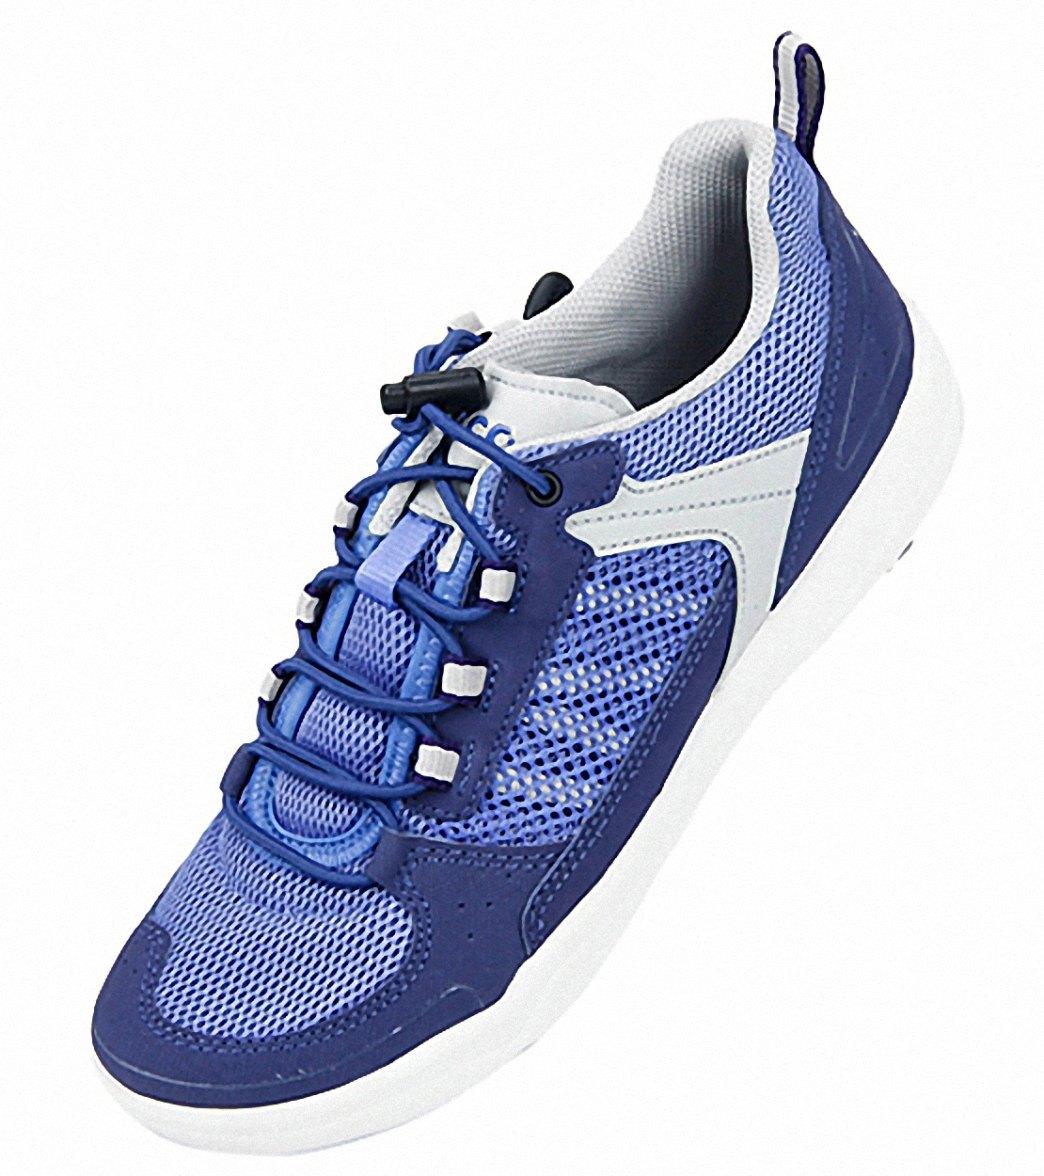 113aa789d460 Ecco Women s Aqua Sport Water Shoes at SwimOutlet.com - Free ...